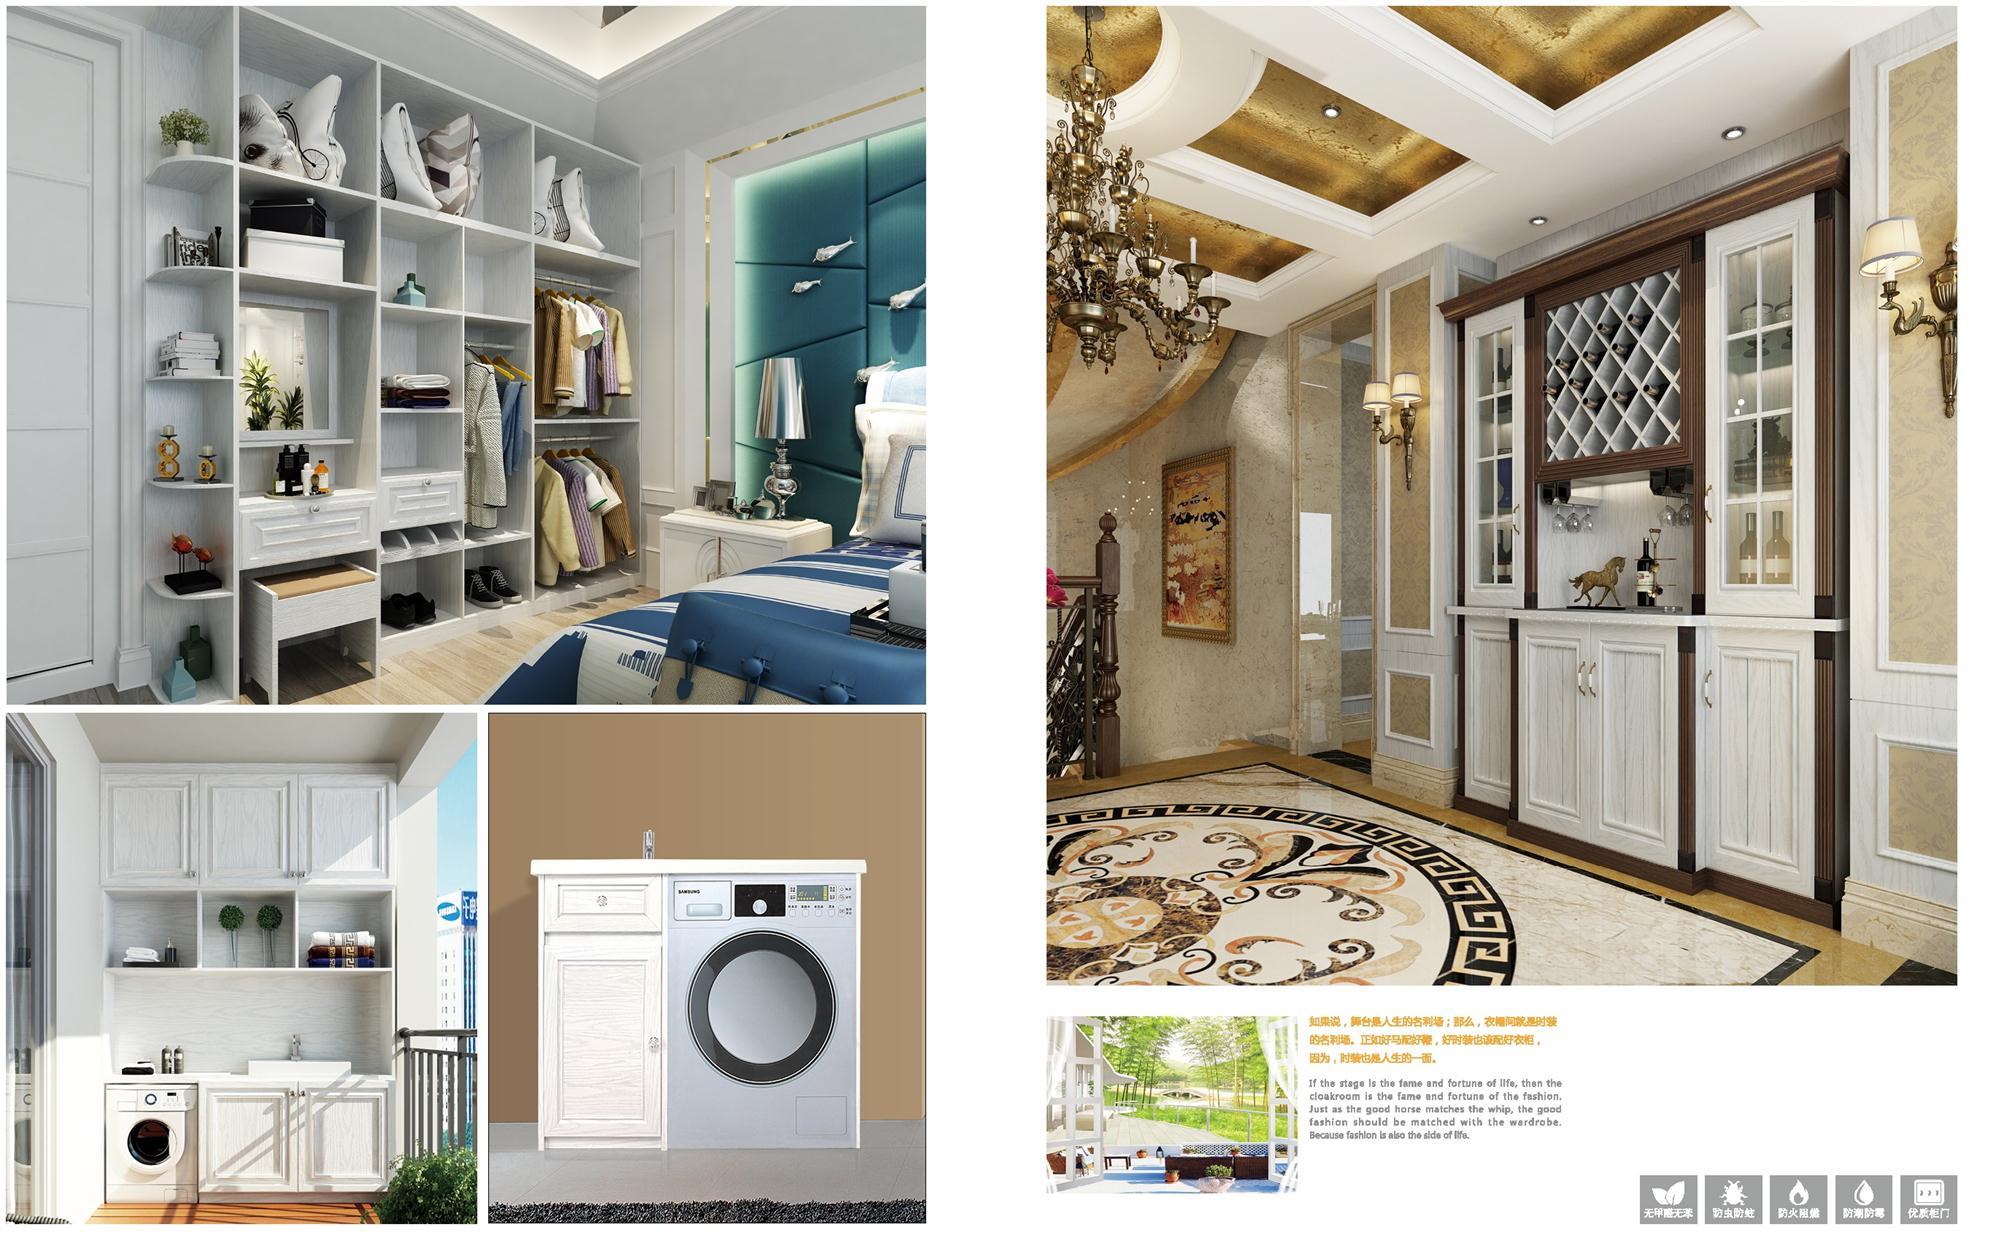 全铝橱柜|全铝橱柜、衣柜、浴室柜系列-长沙鑫铭幕墙门窗装饰有限公司